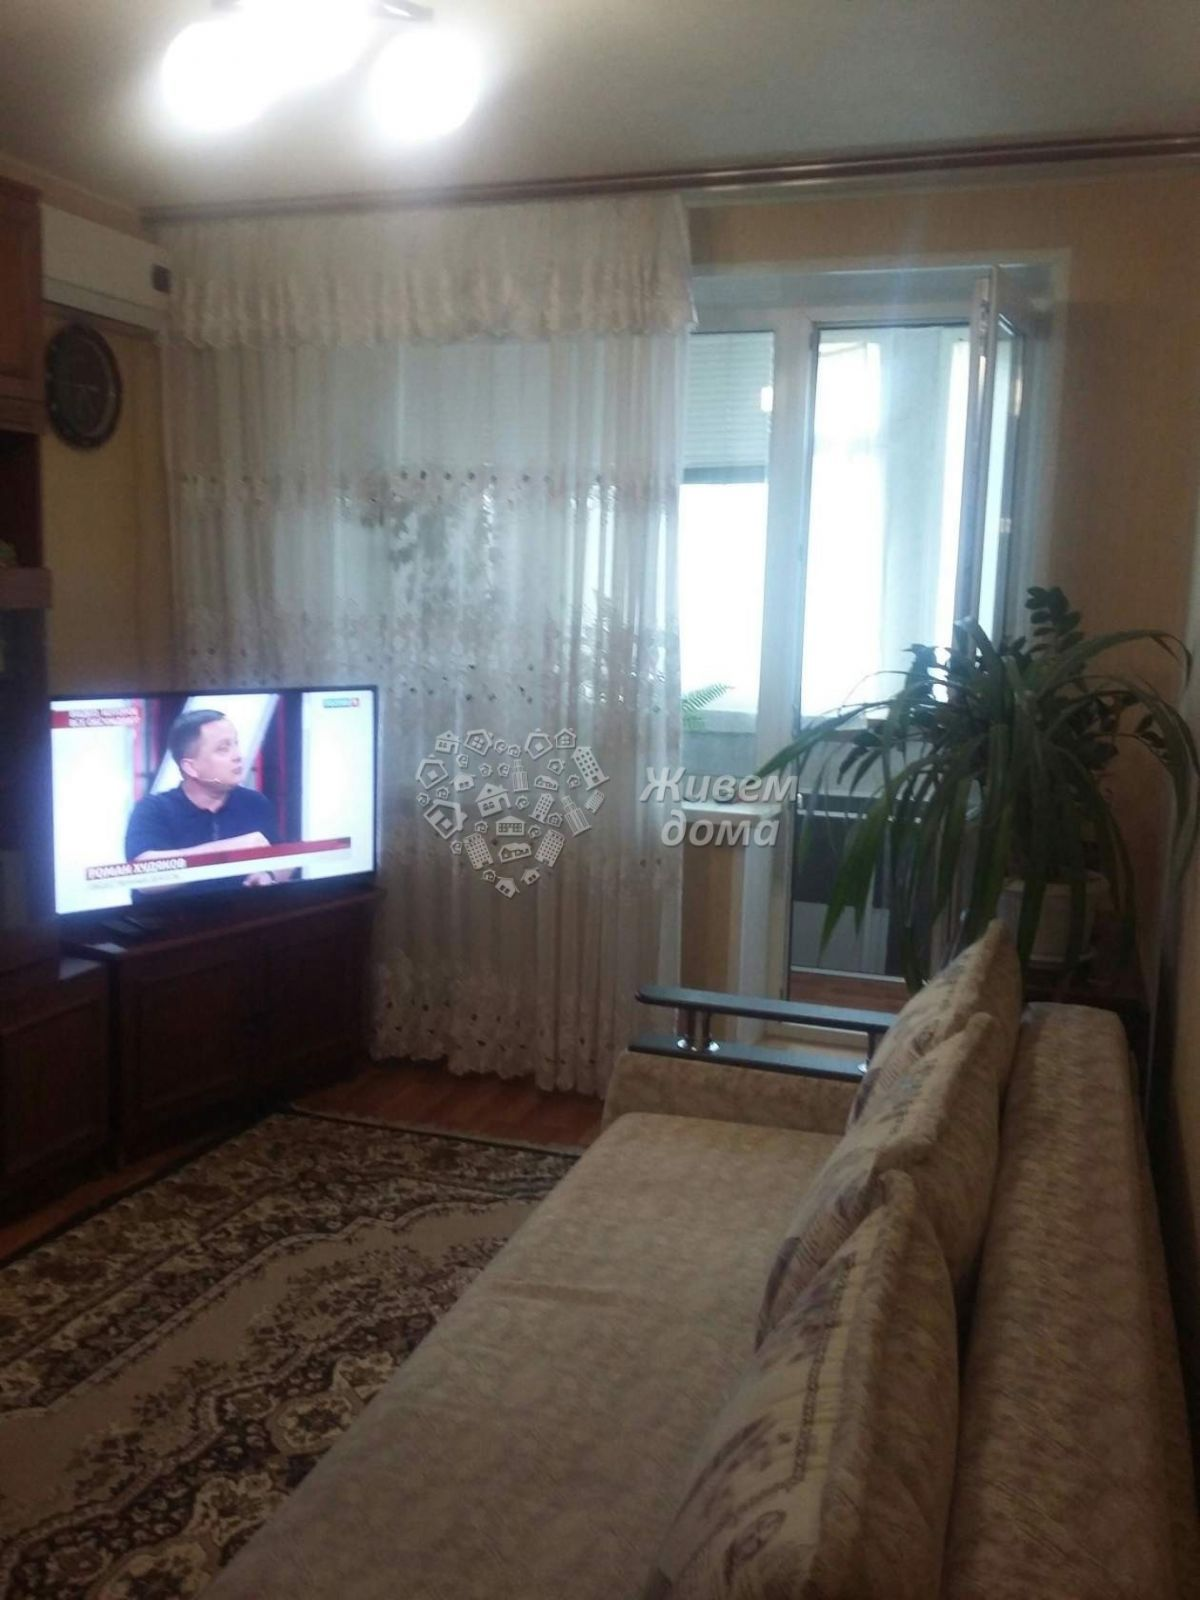 2-комн. , Волгоградская область, Волжский, Новый город, 40 лет Победы ул, 85